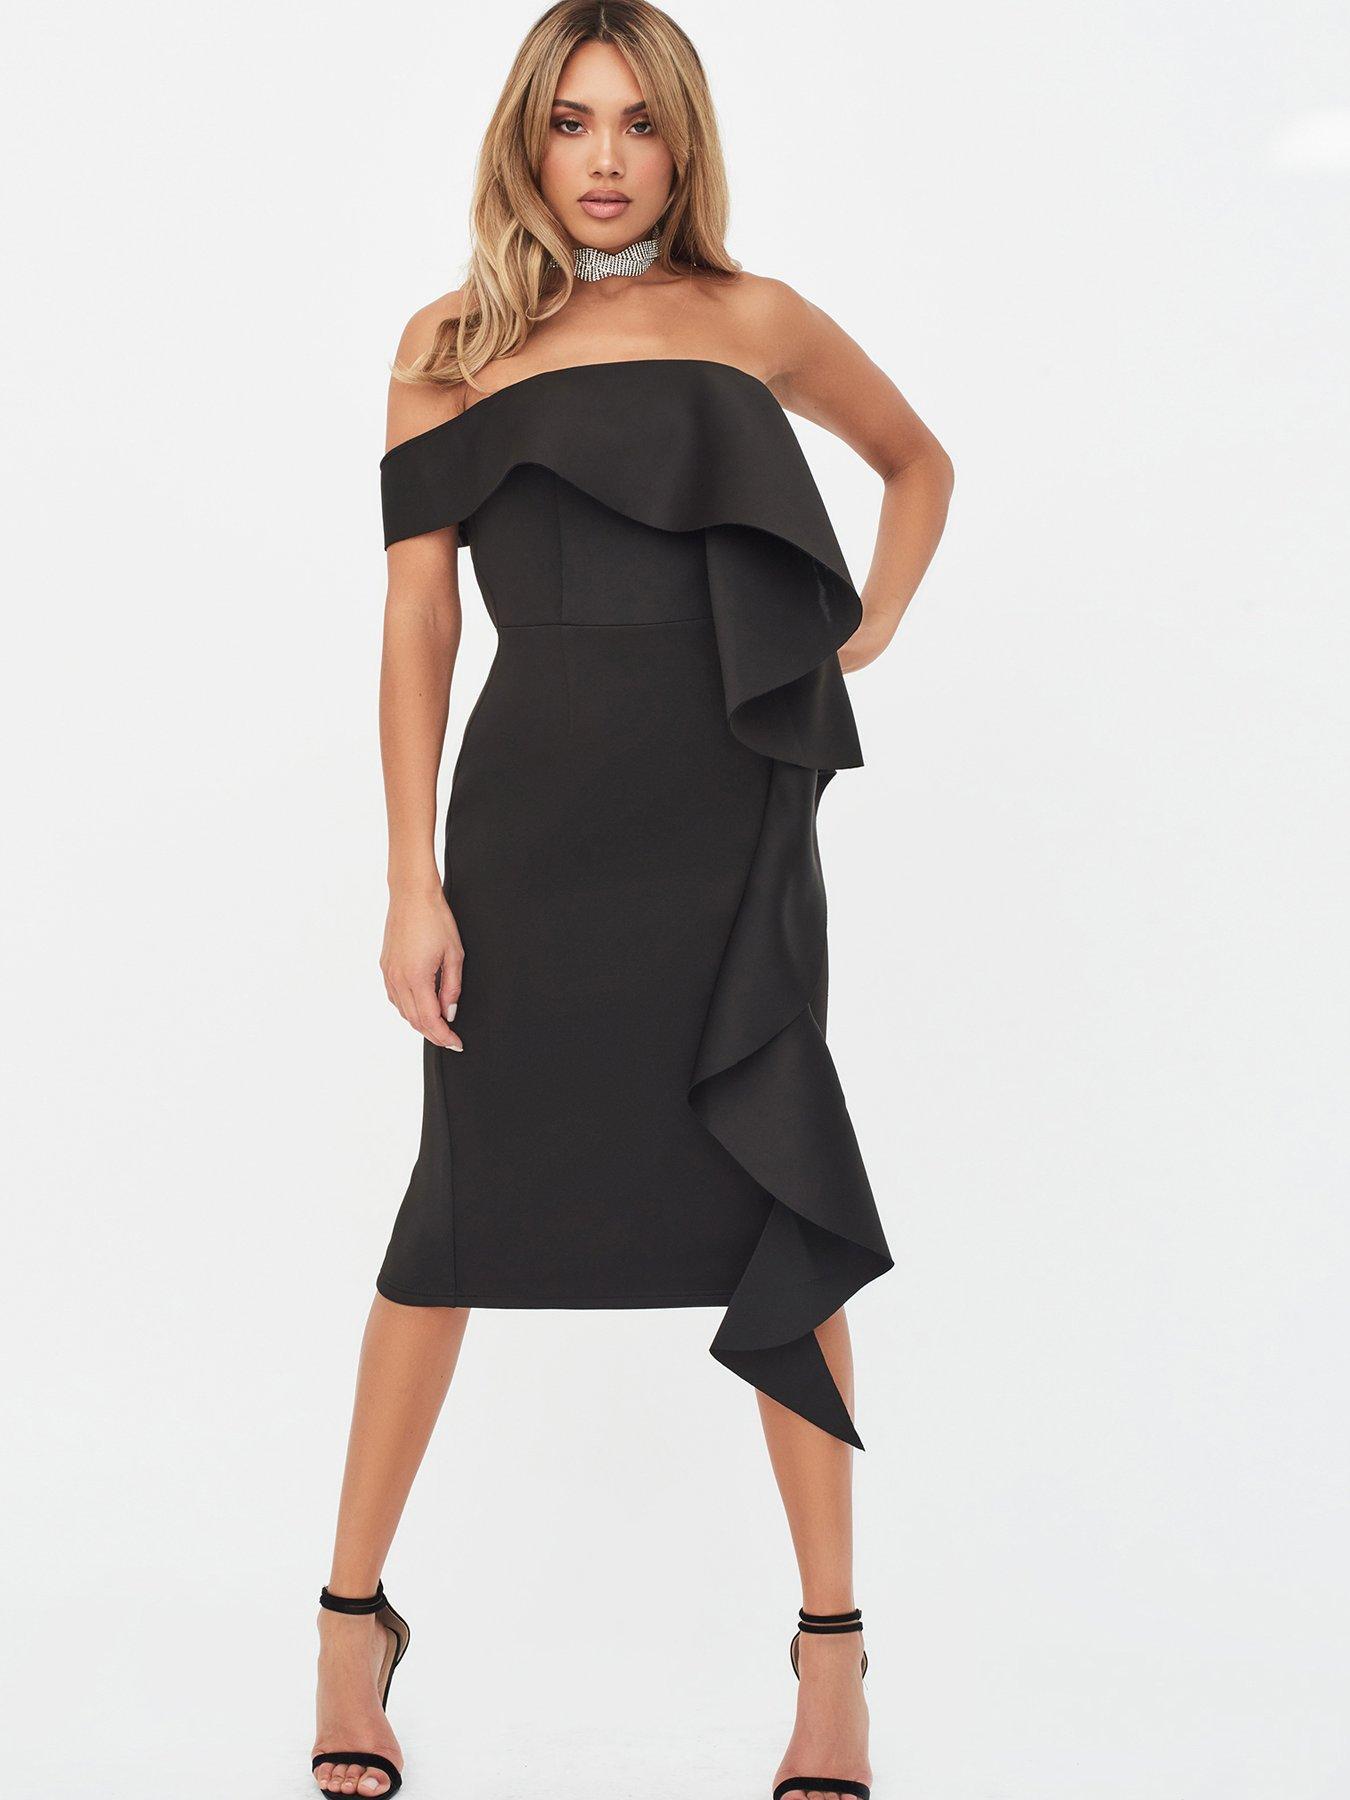 Fishtail Crochet Party Dress Beauty Tube Top Back Zip Long Rock,Black,S